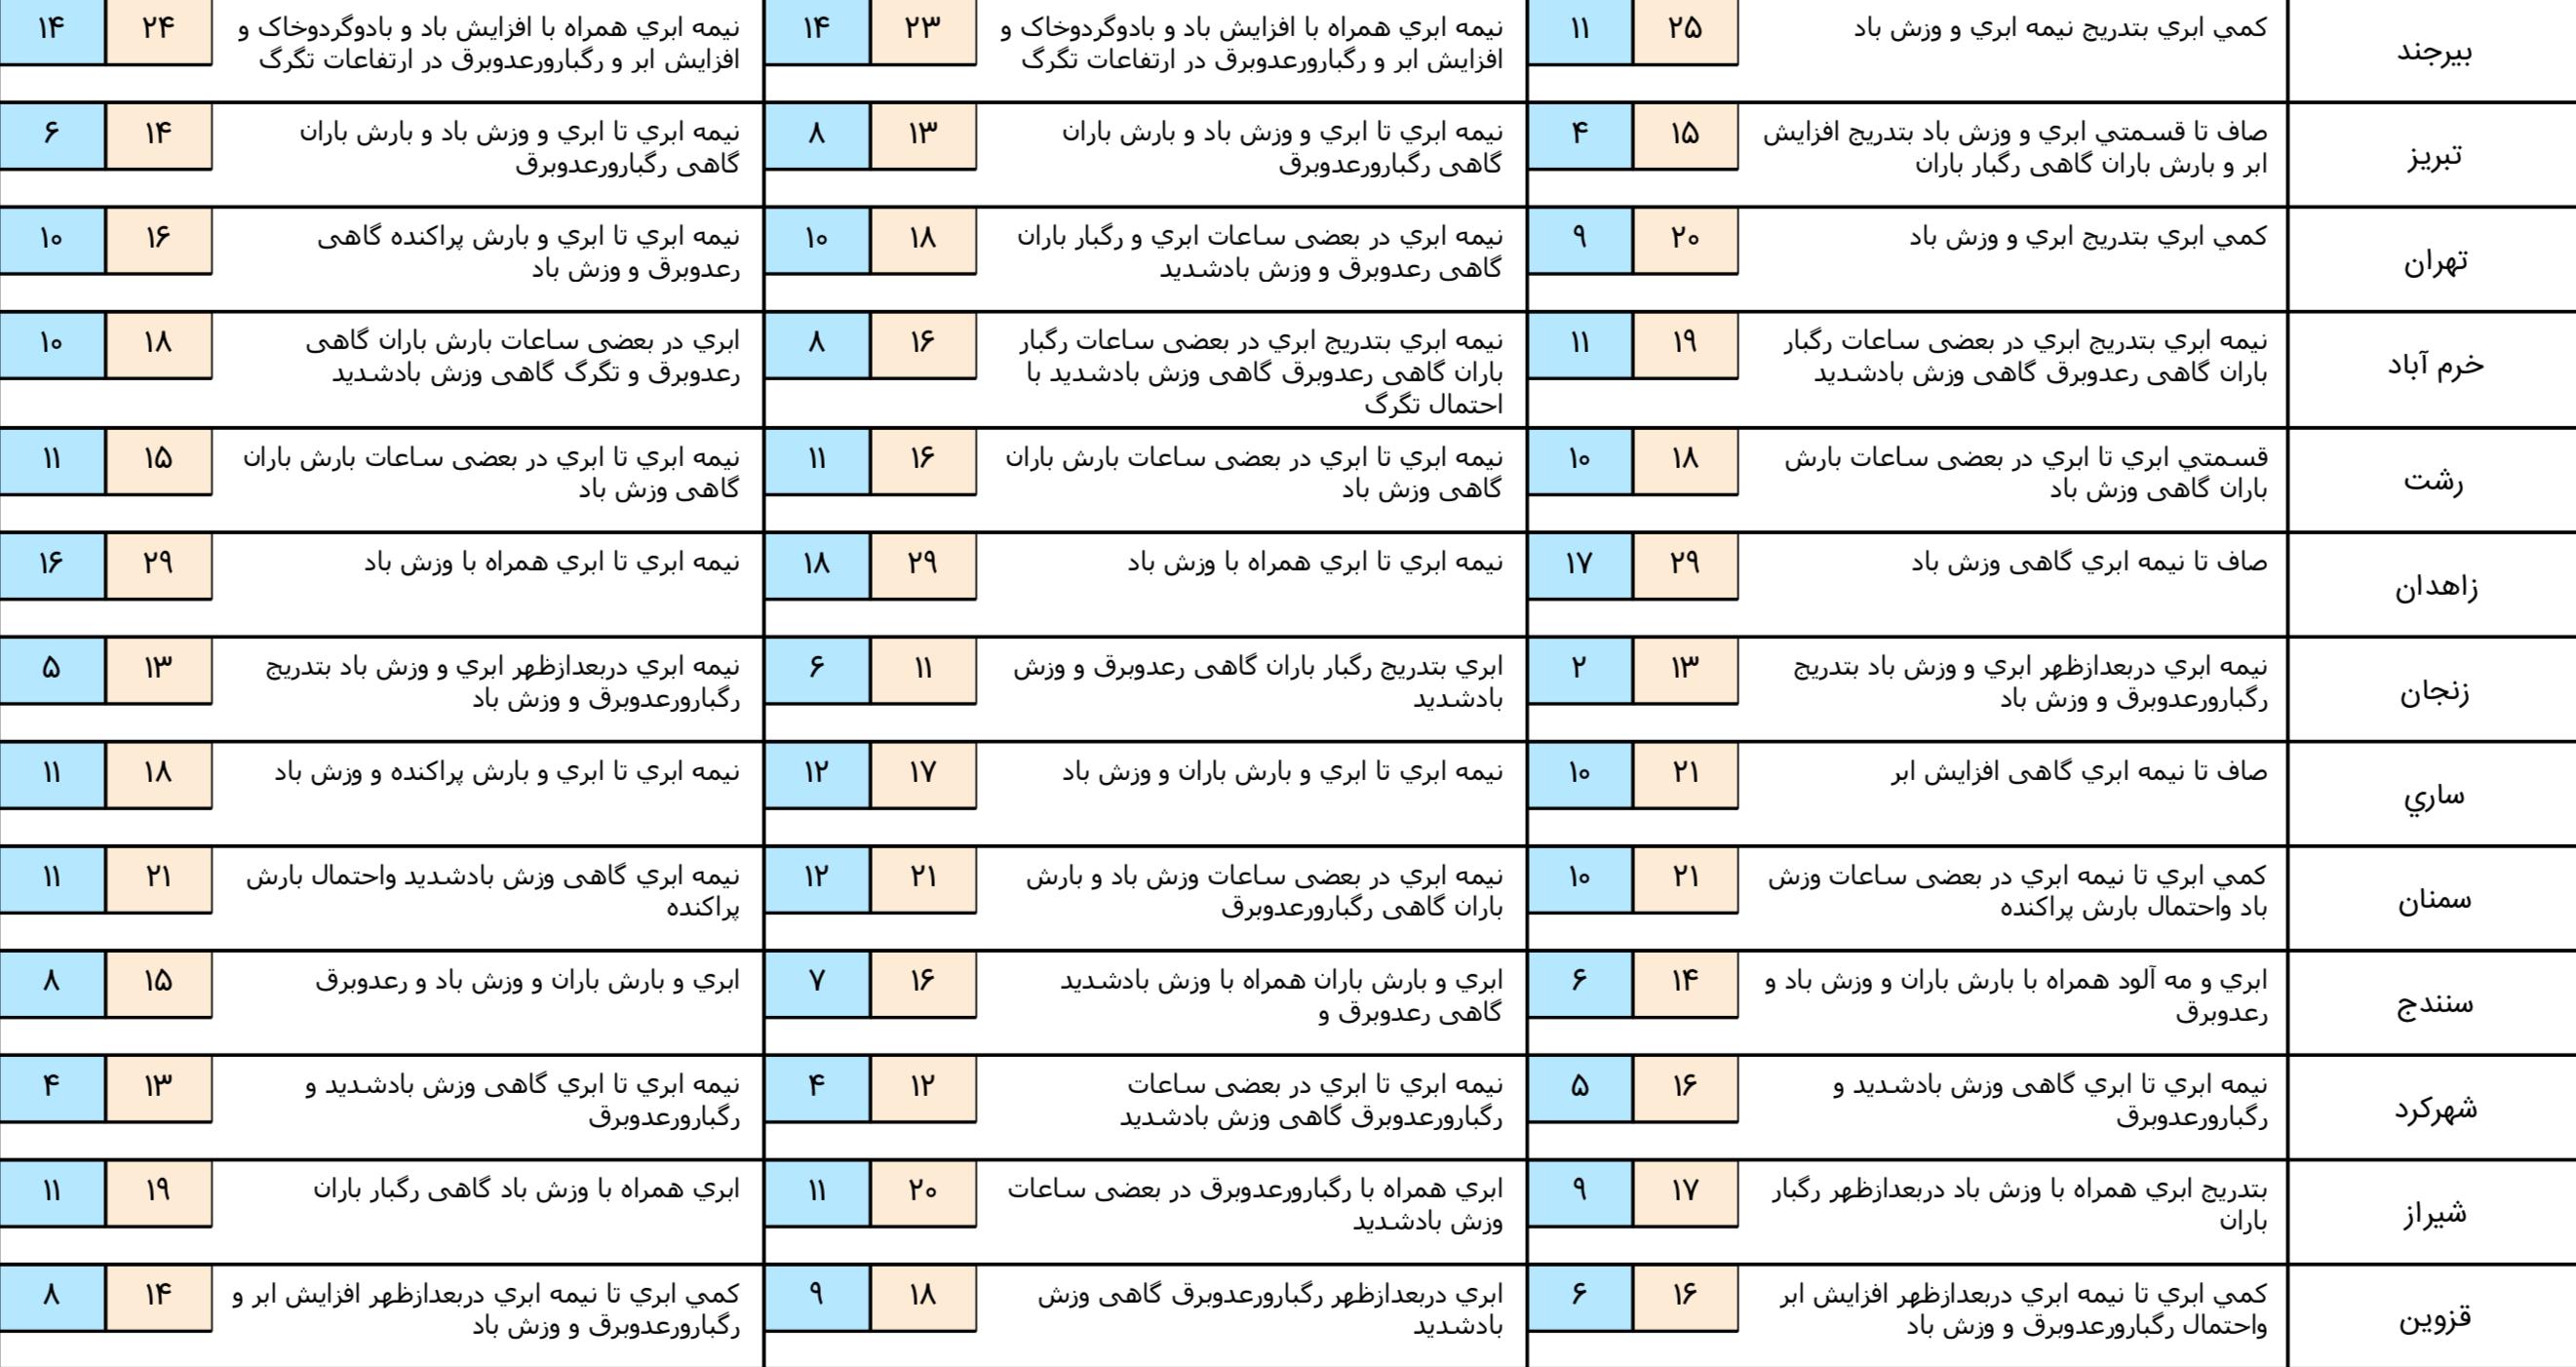 آخرین وضعیت آب و هوا و ترافیک جادهای؛ جمعه ۱۶ فروردین ۹۸